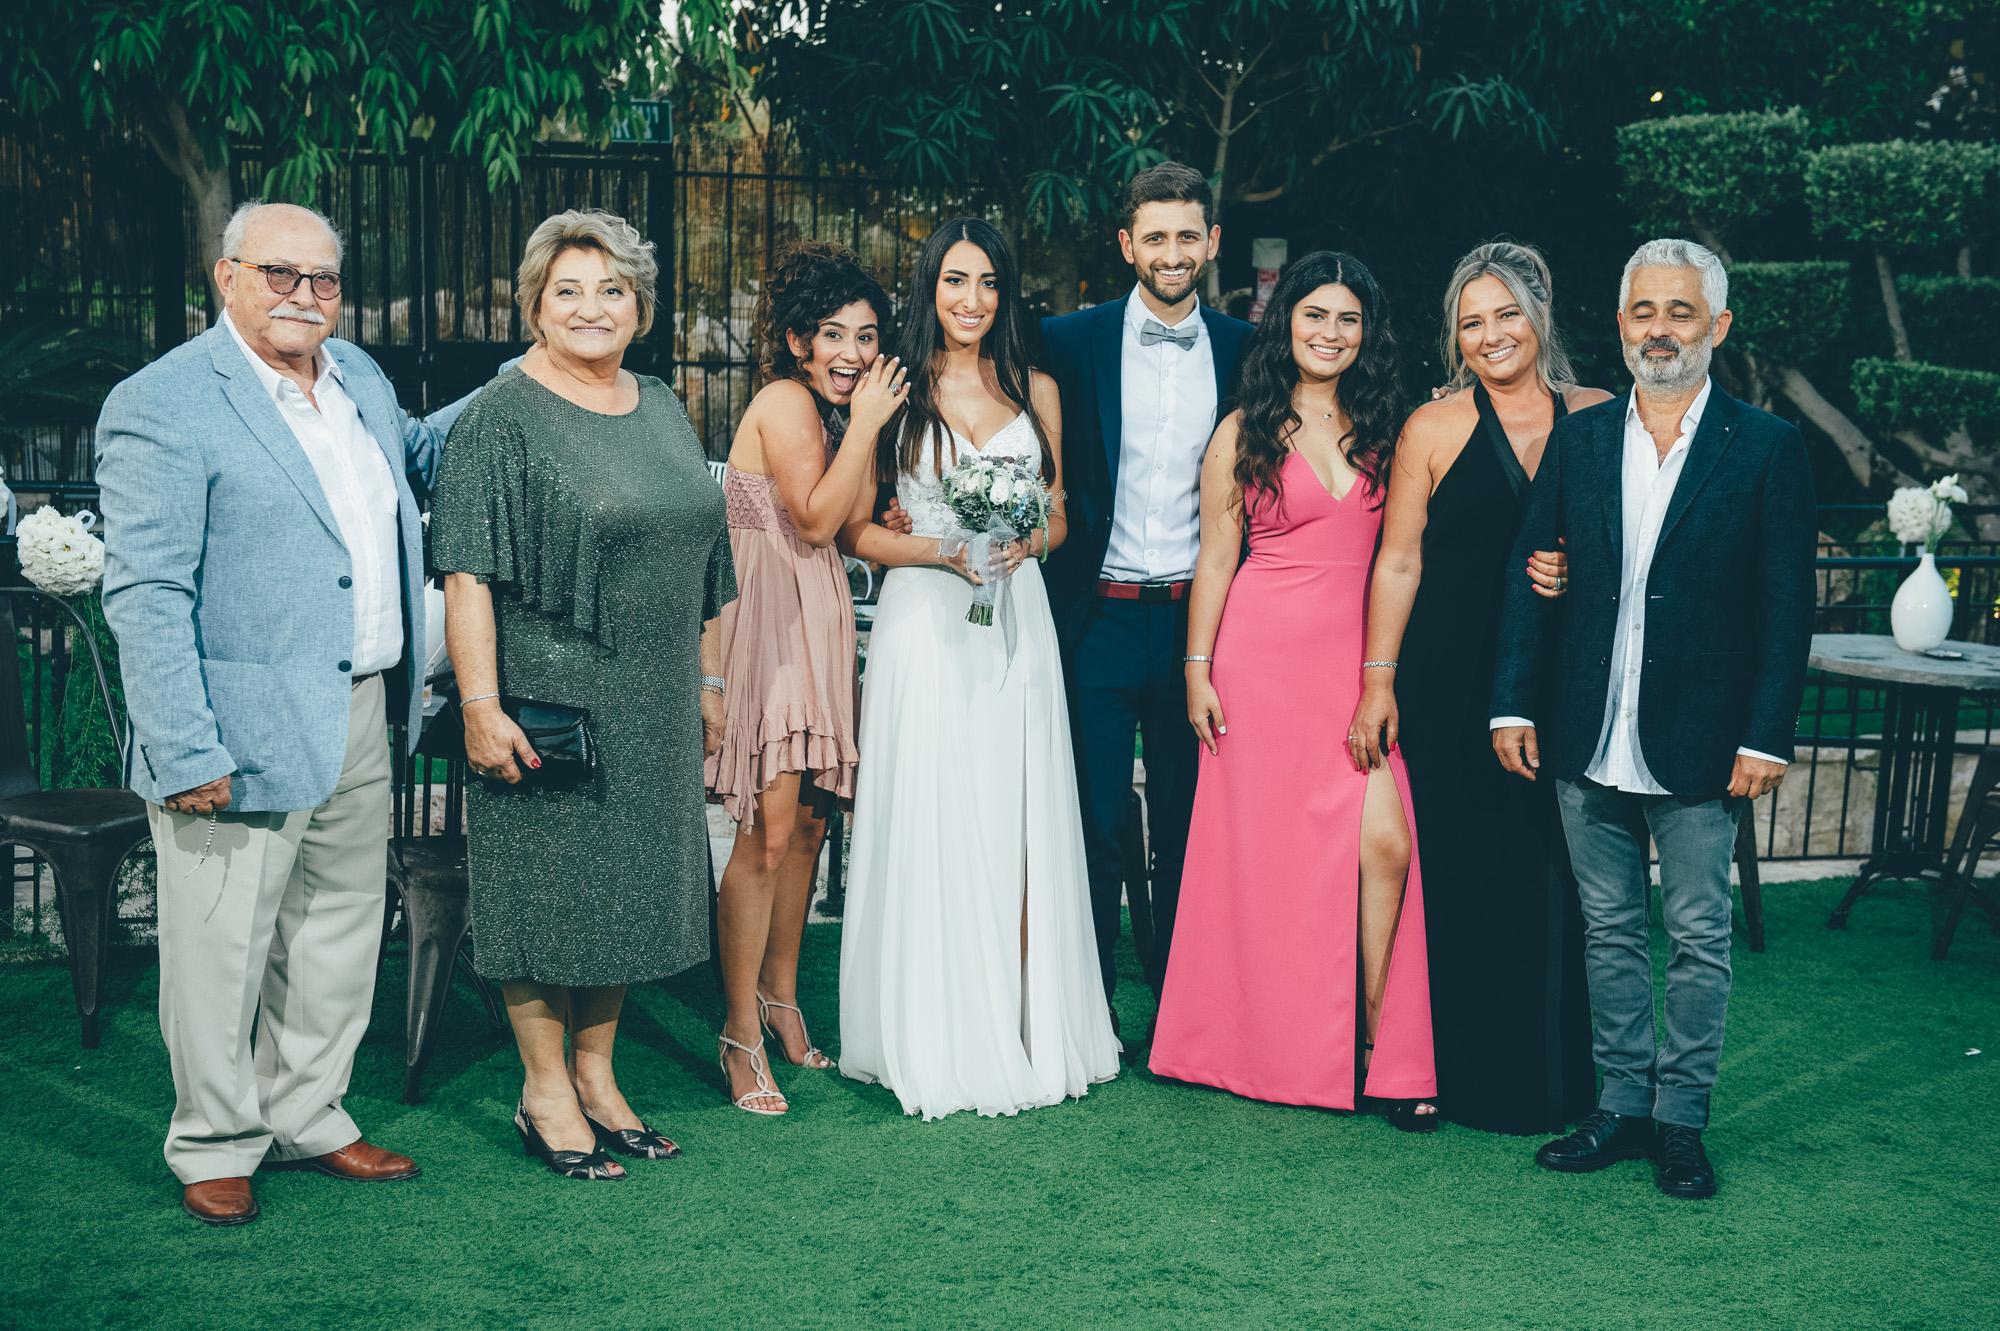 Wedding photos by - Asaf Kliger-62.jpg